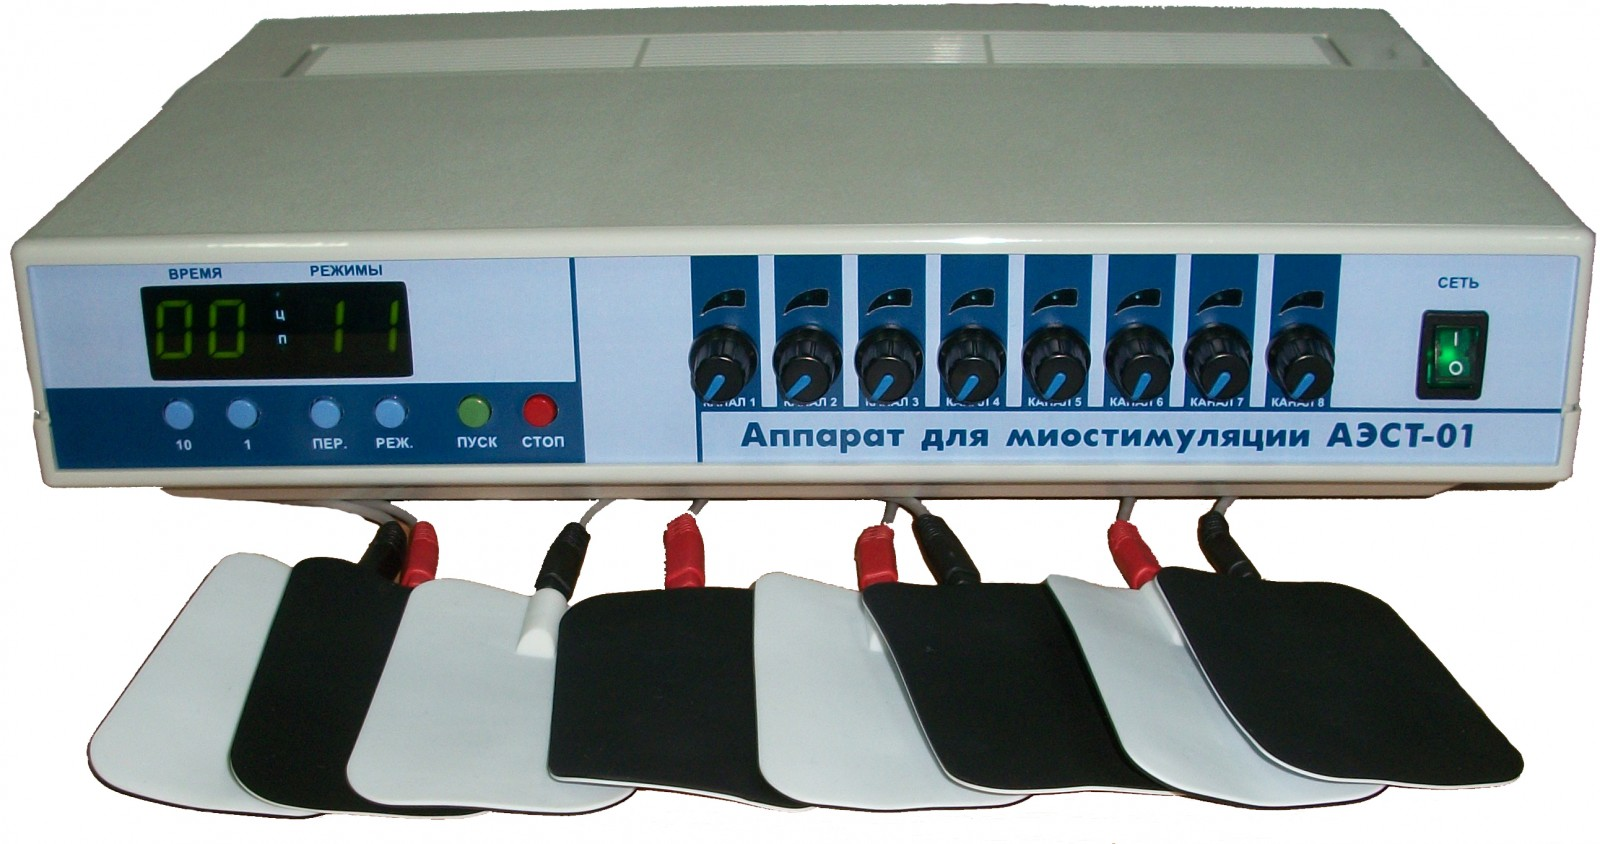 Миостимуляторы: цены в Новосибирске. Купить стимулятор в